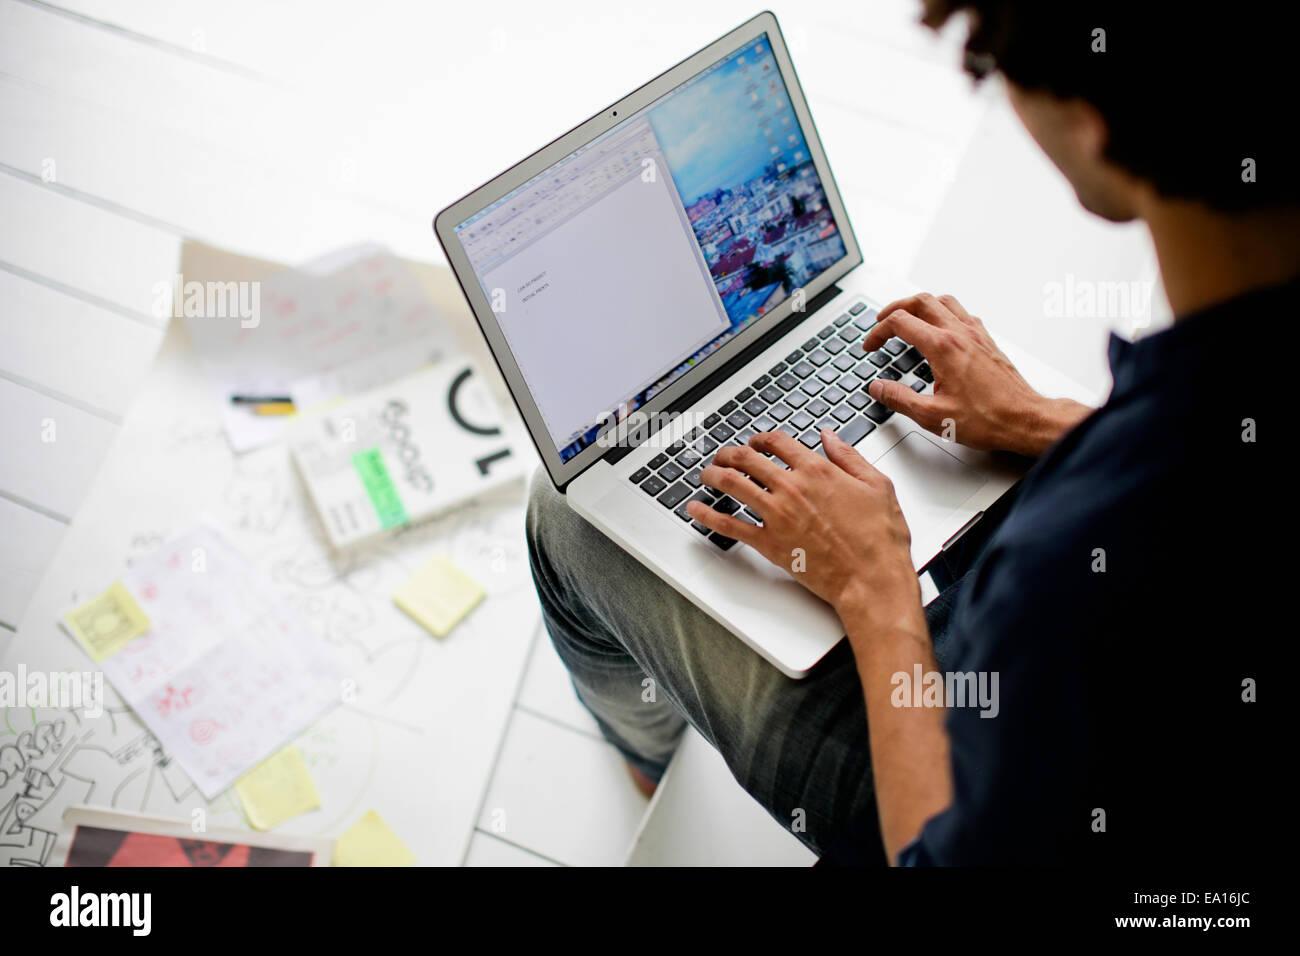 Diseñador gráfico mediante ordenador portátil Imagen De Stock